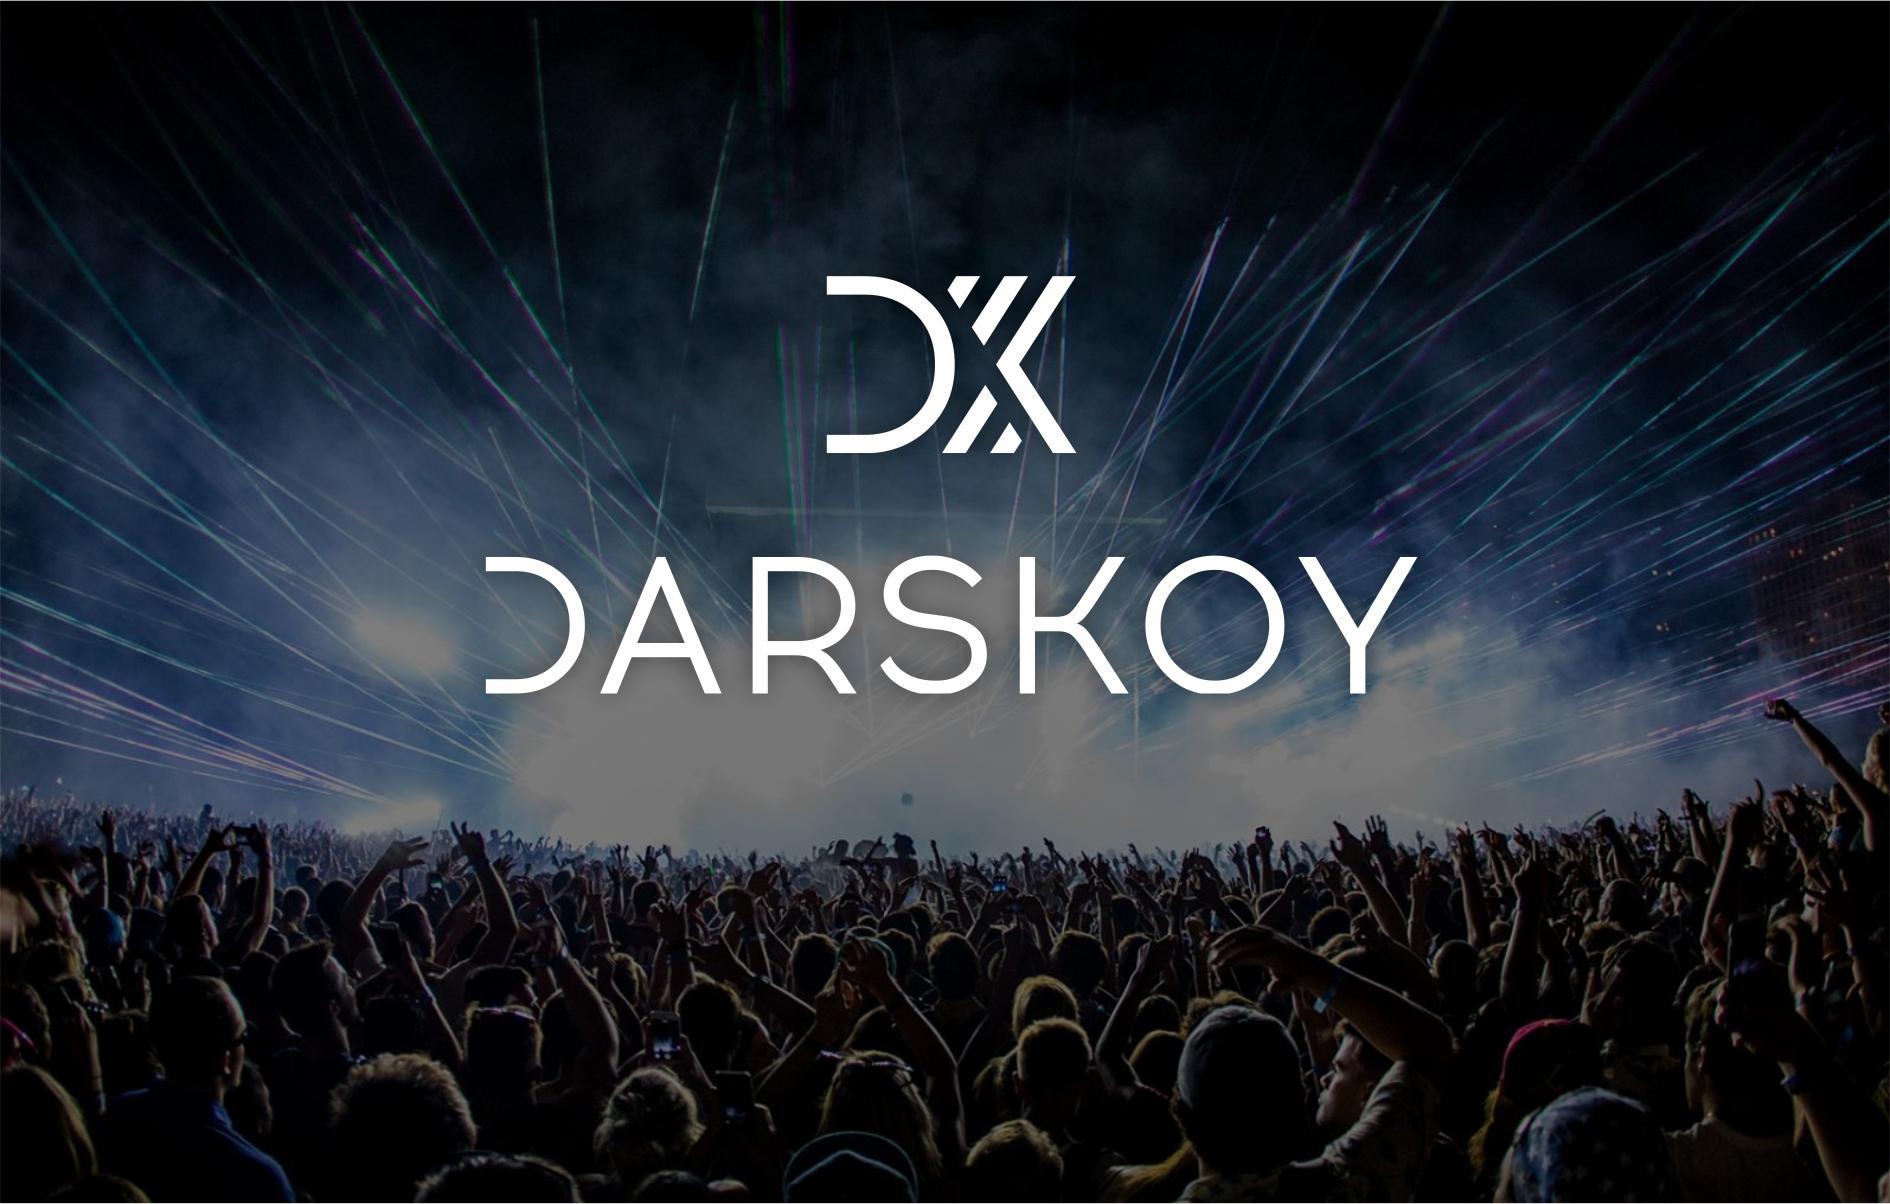 Нарисовать логотип для сольного музыкального проекта фото f_8765ba76206ddddd.jpg